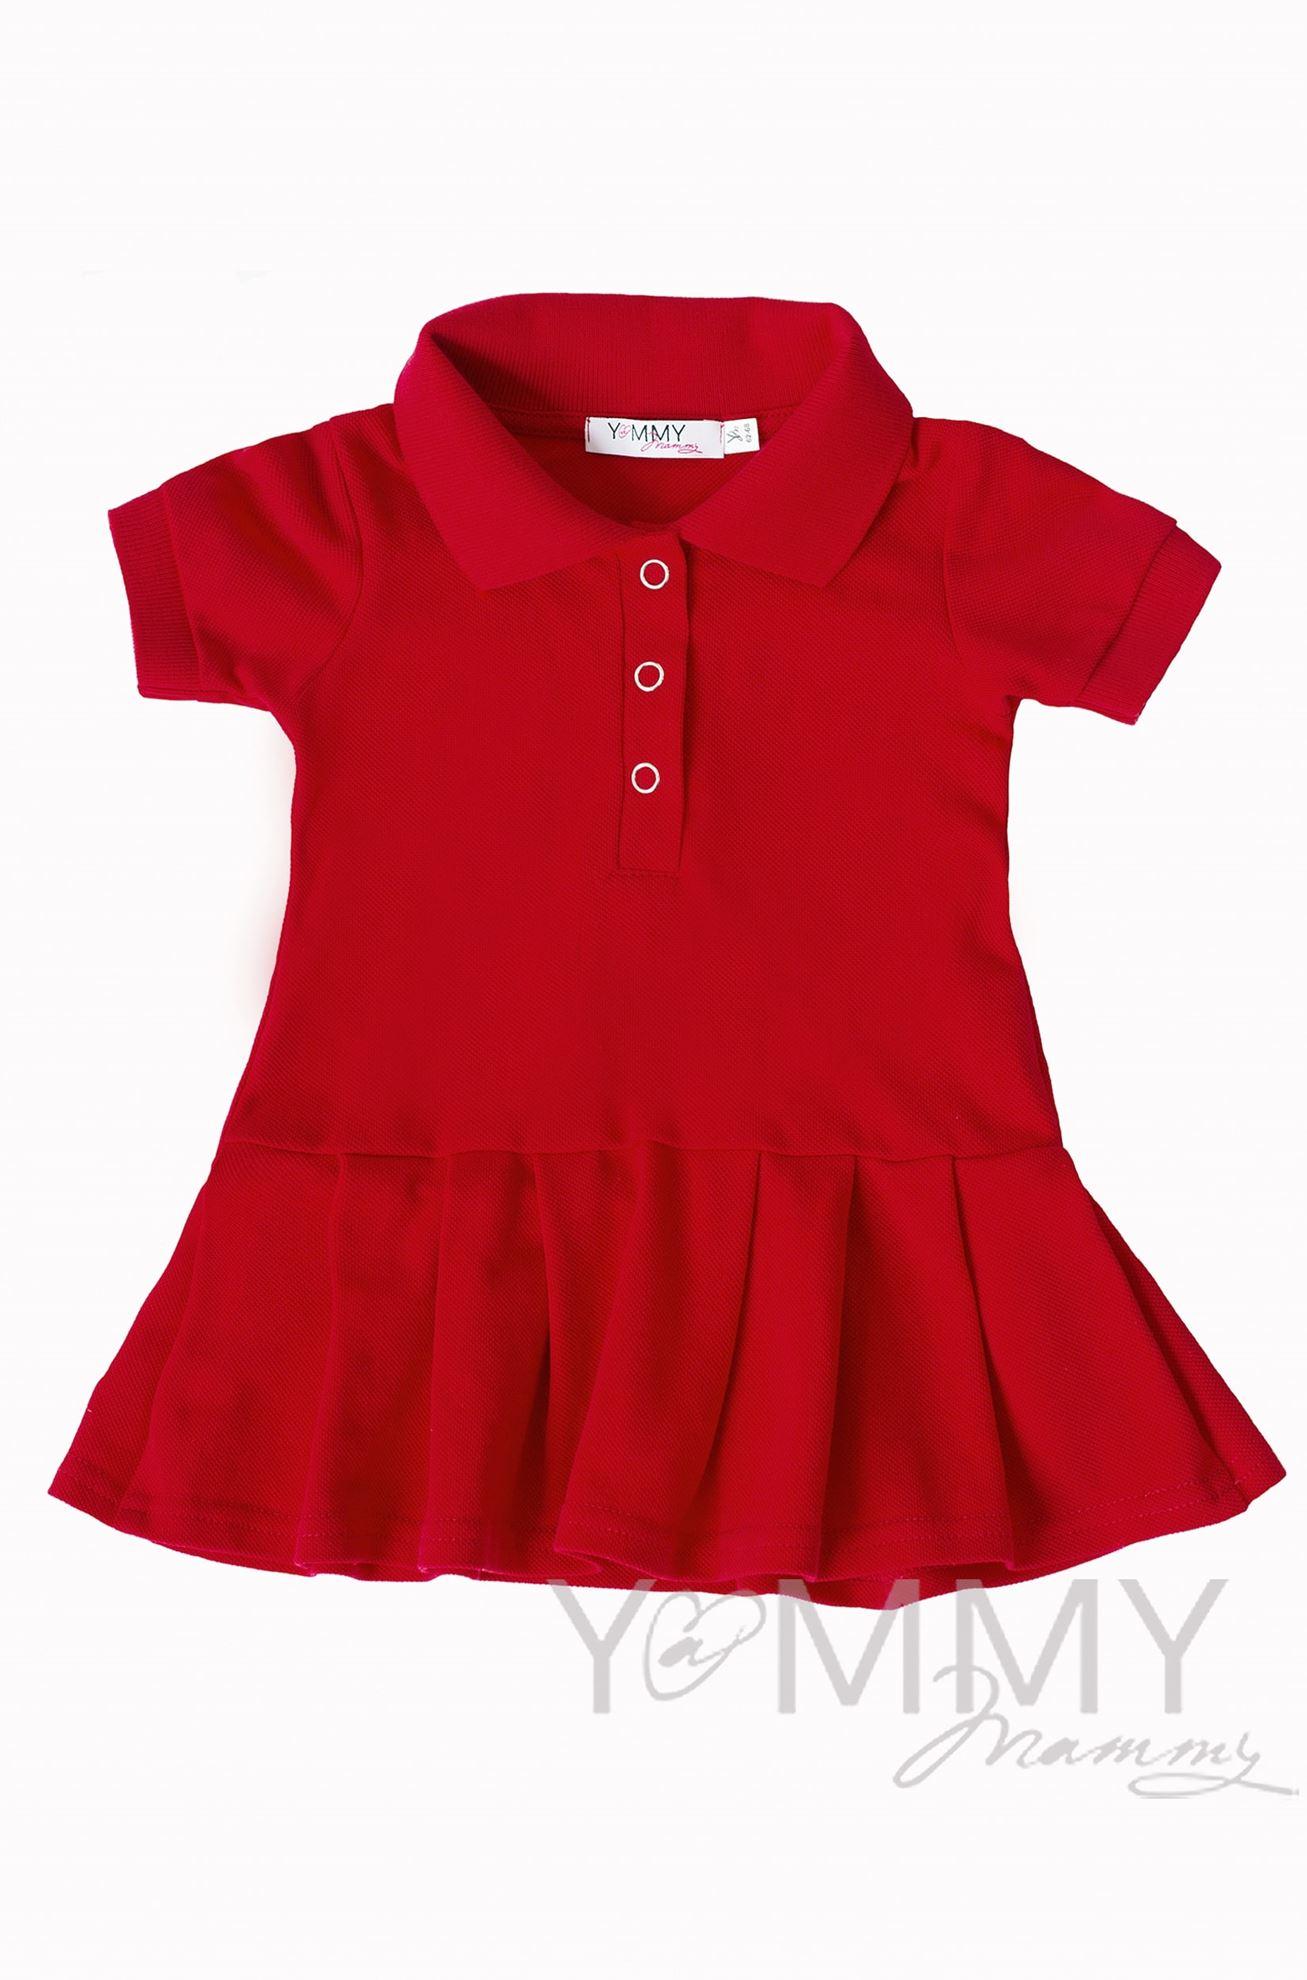 Изображение                               Детское платье поло с воланом красное